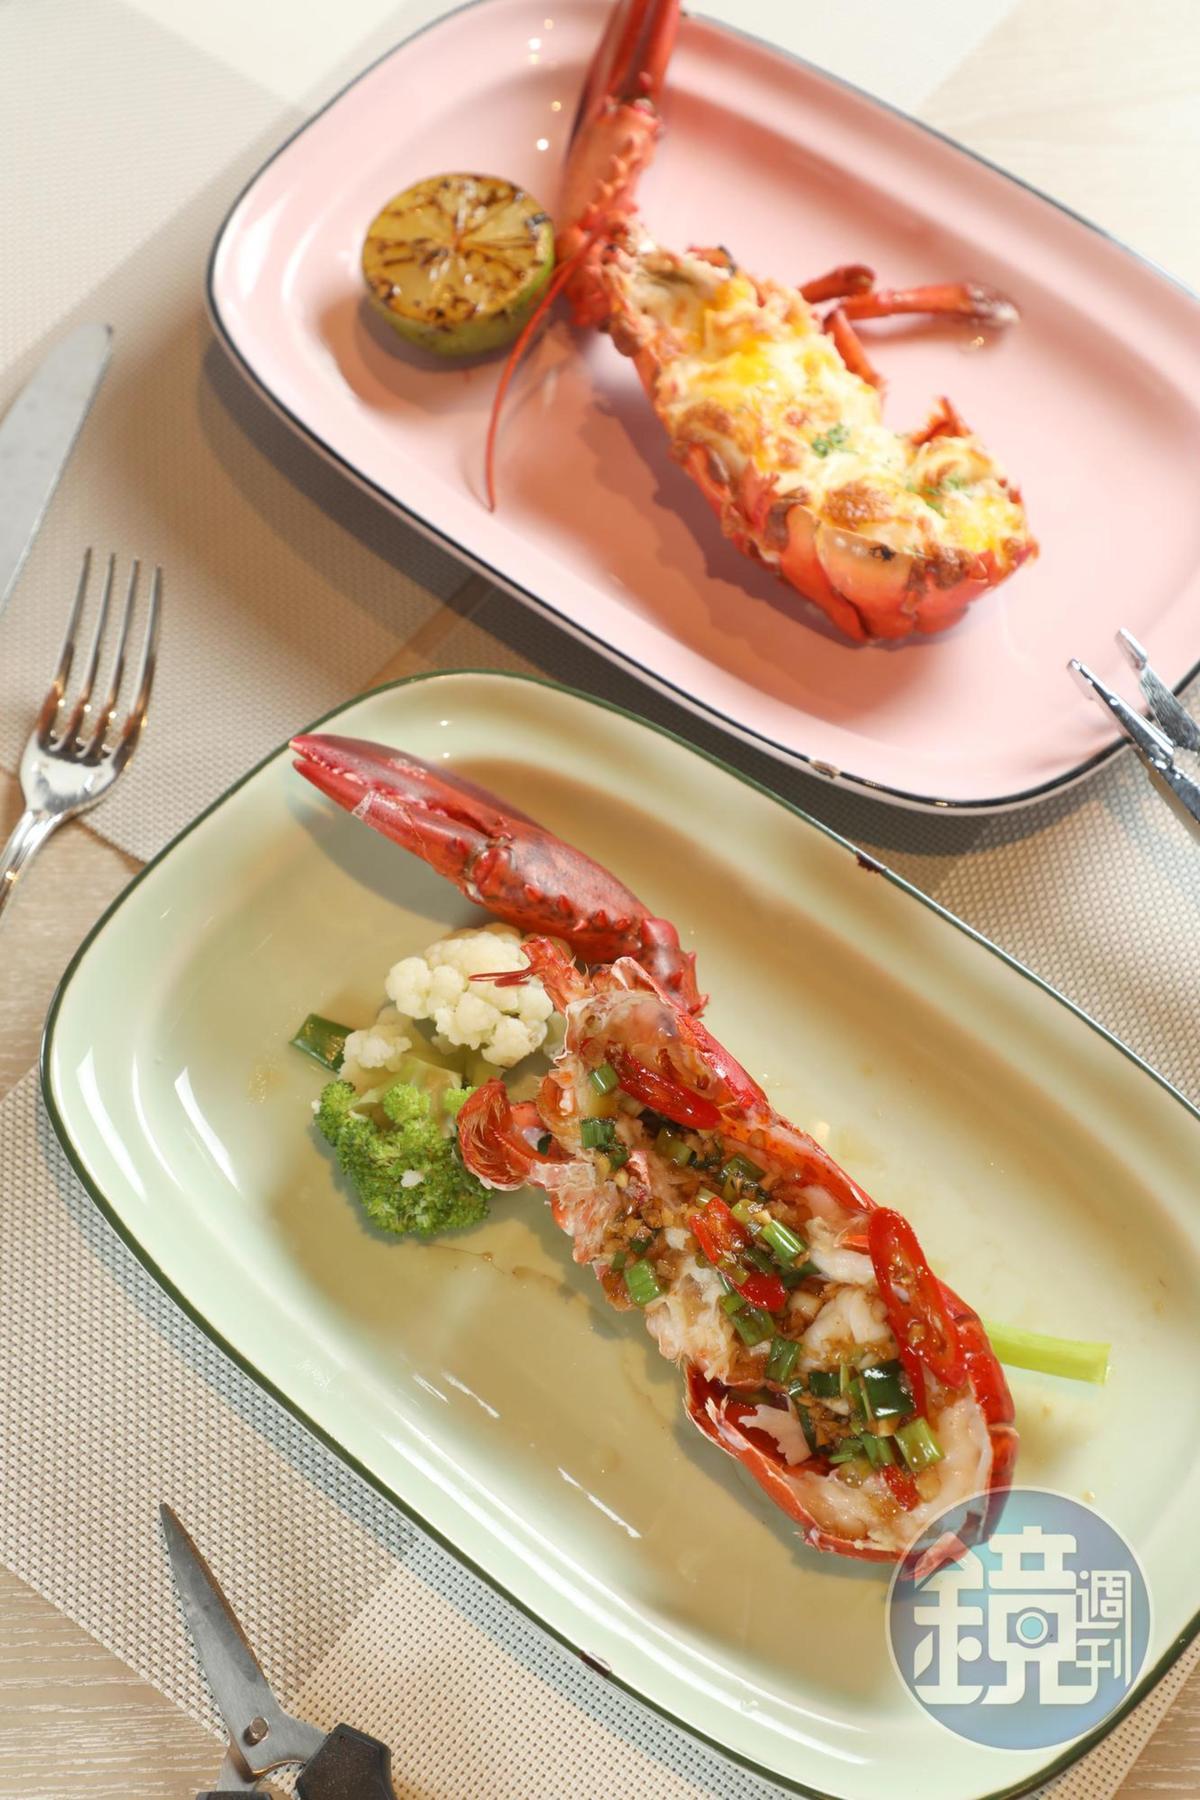 龍蝦可選擇西式的起士焗烤、炭烤佐澄清奶油或中式辣醬爆炒等3種口味。